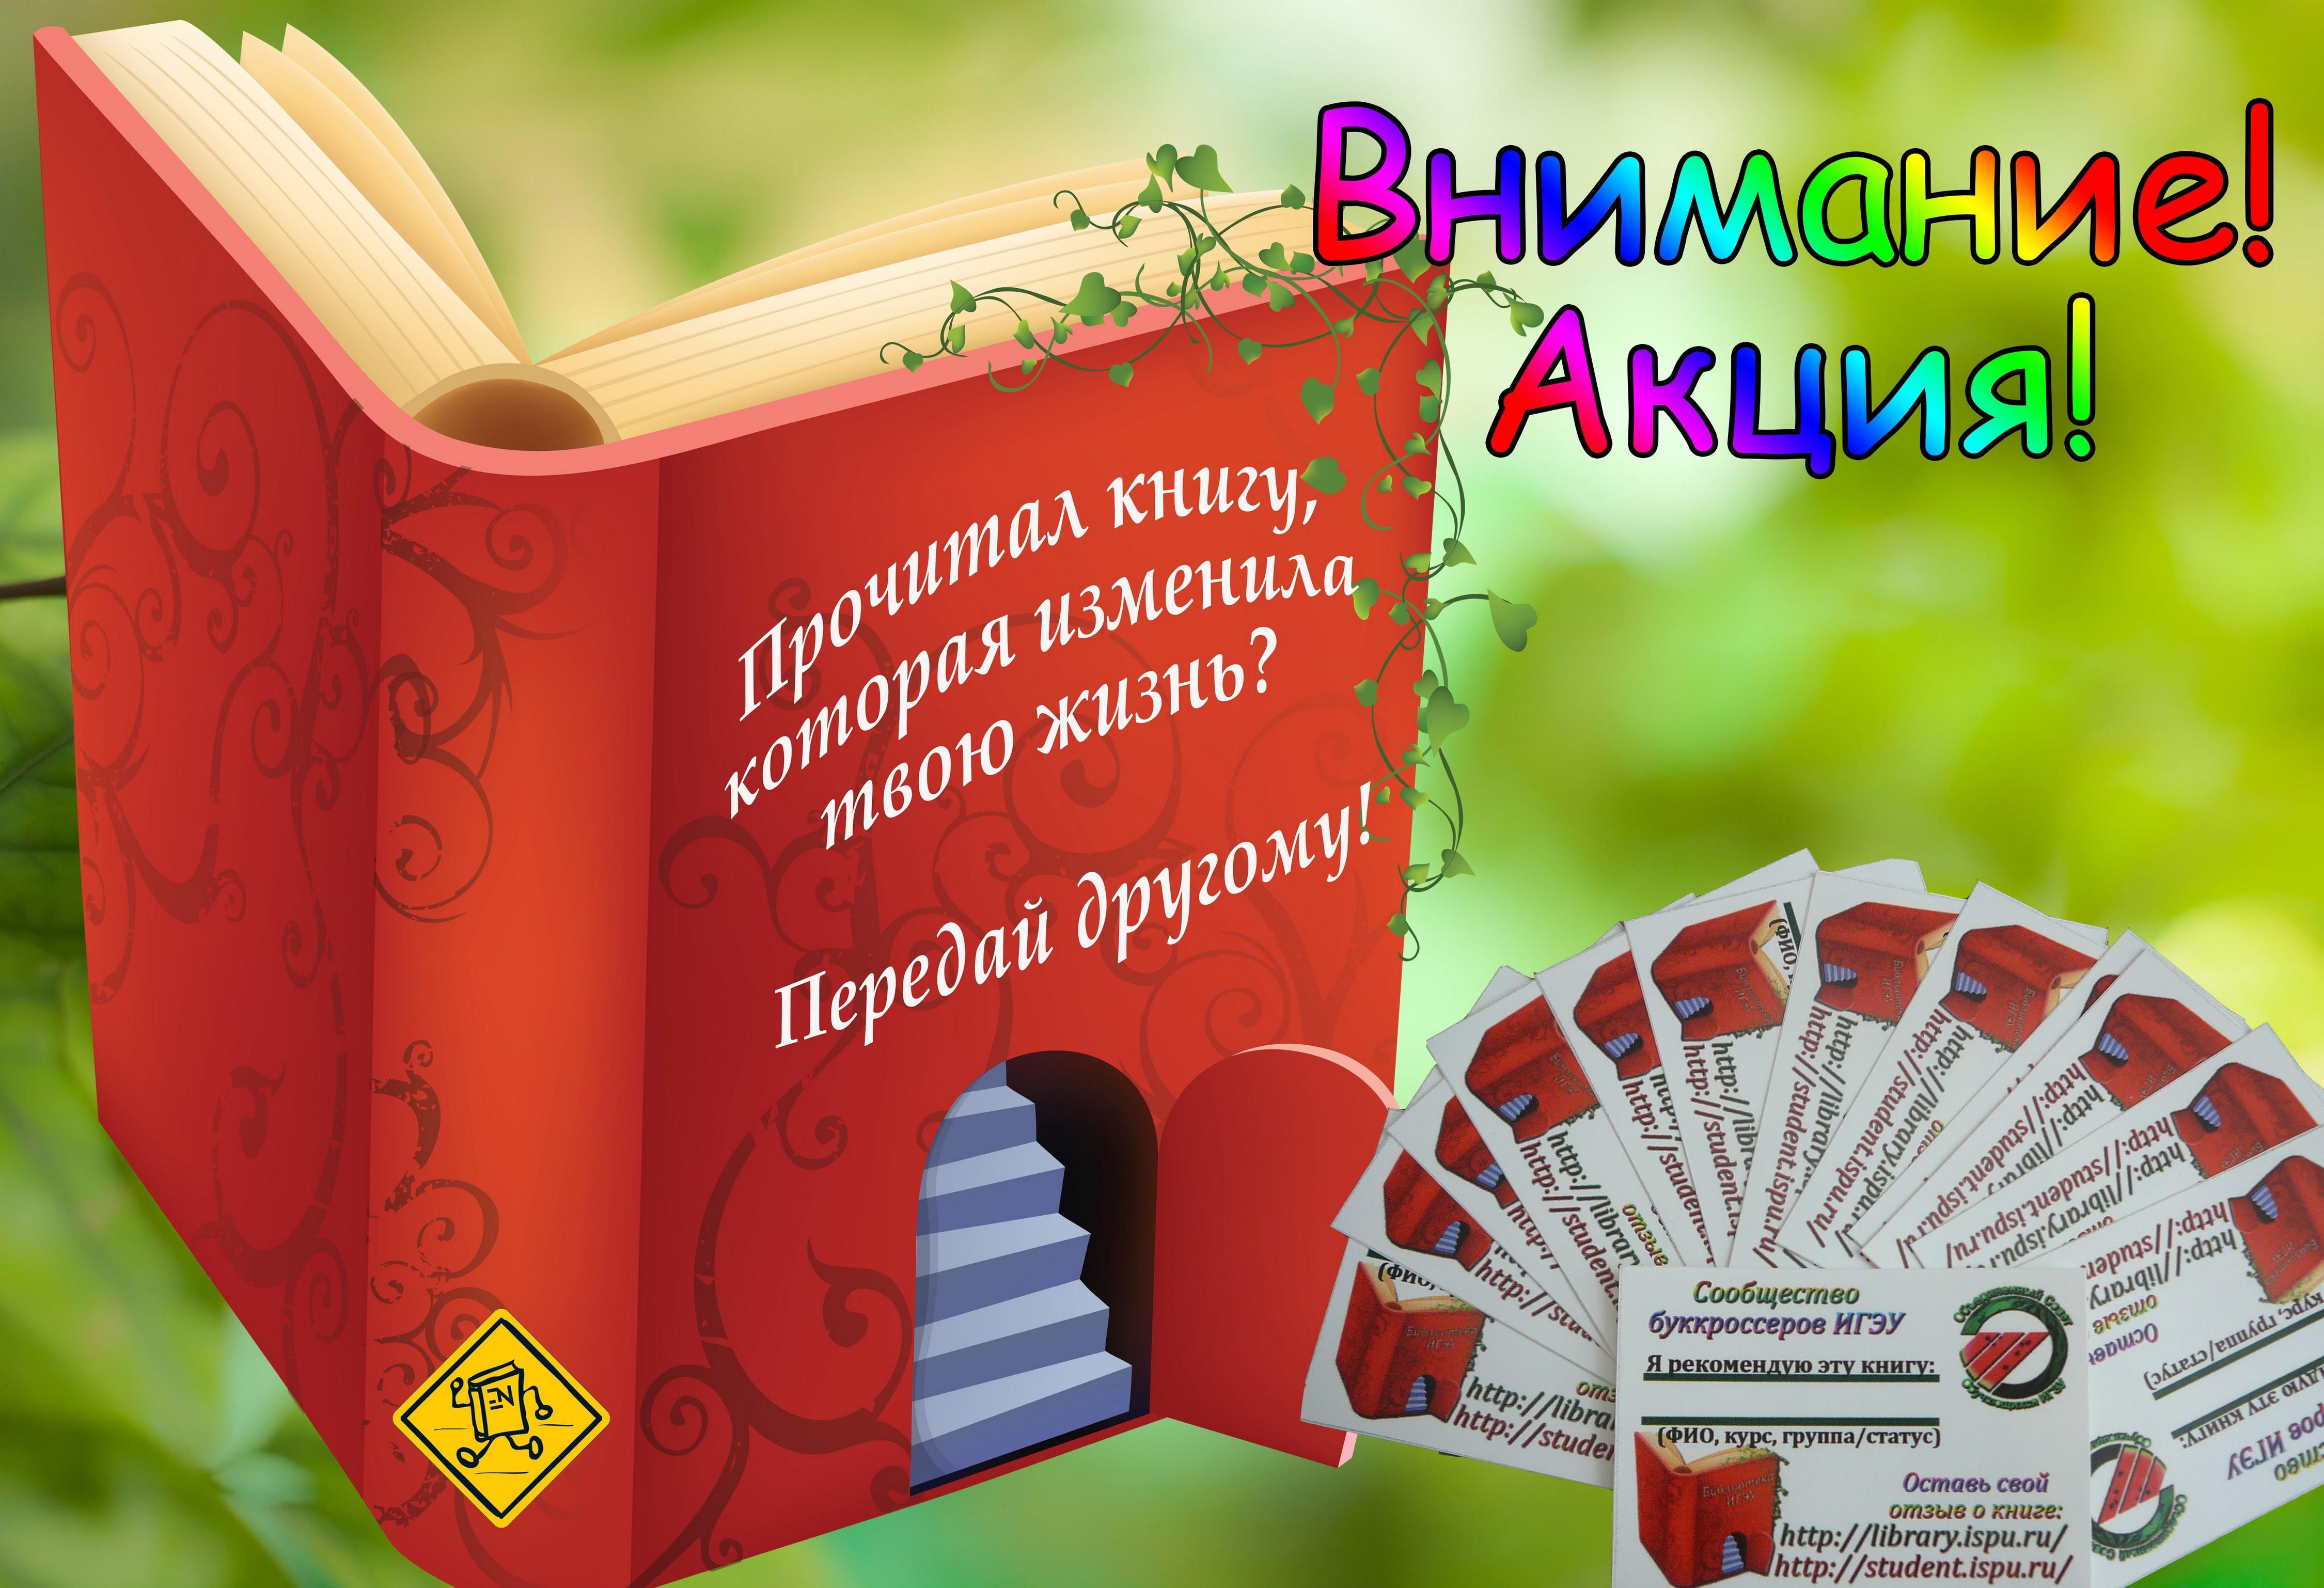 Акция прочитал подари библиотеке в Балахне,Завьялово,Карымском